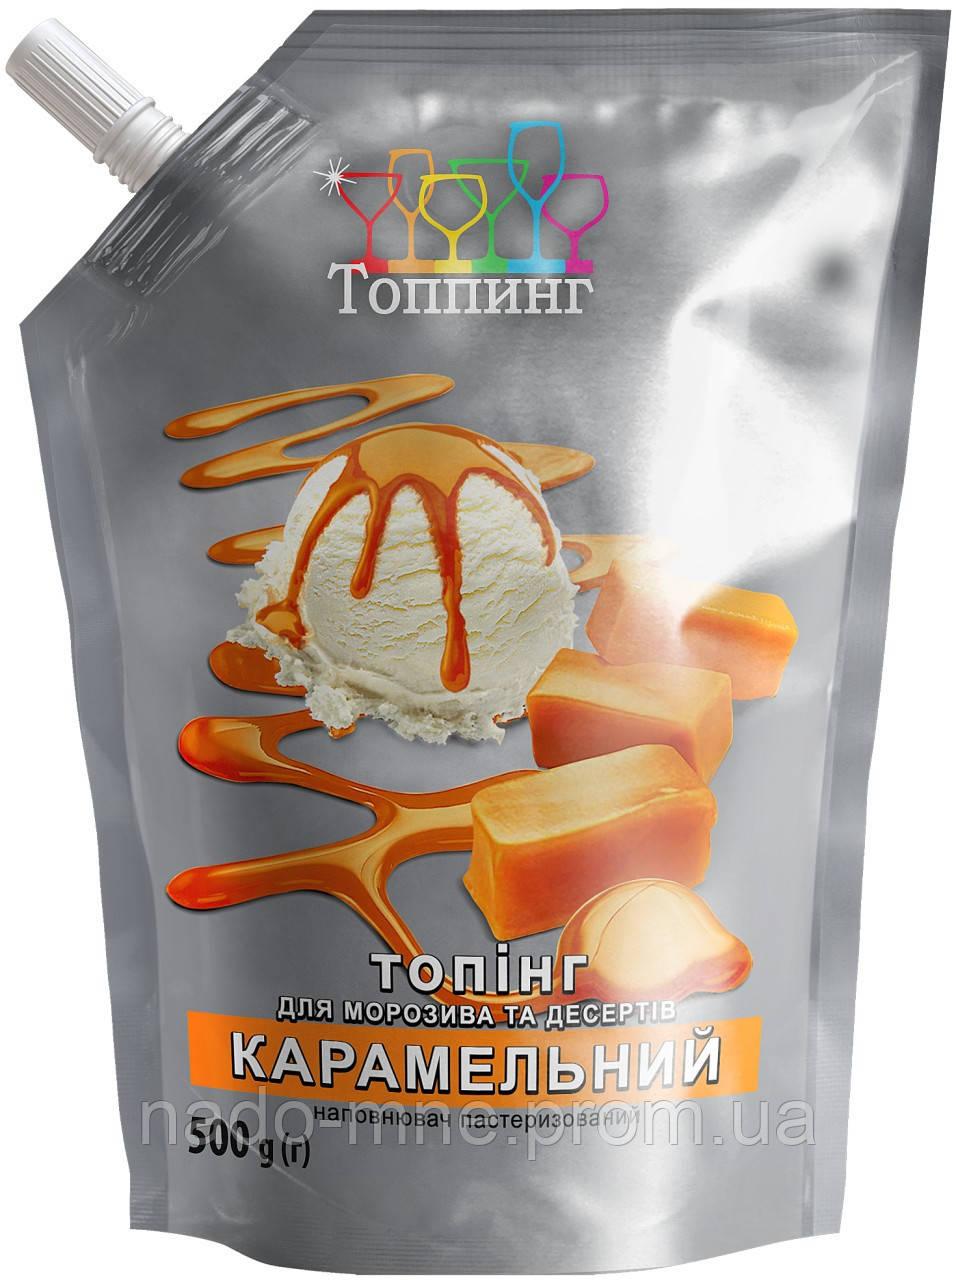 Топпинг Карамель, 500 г. в упаковке дой-пак